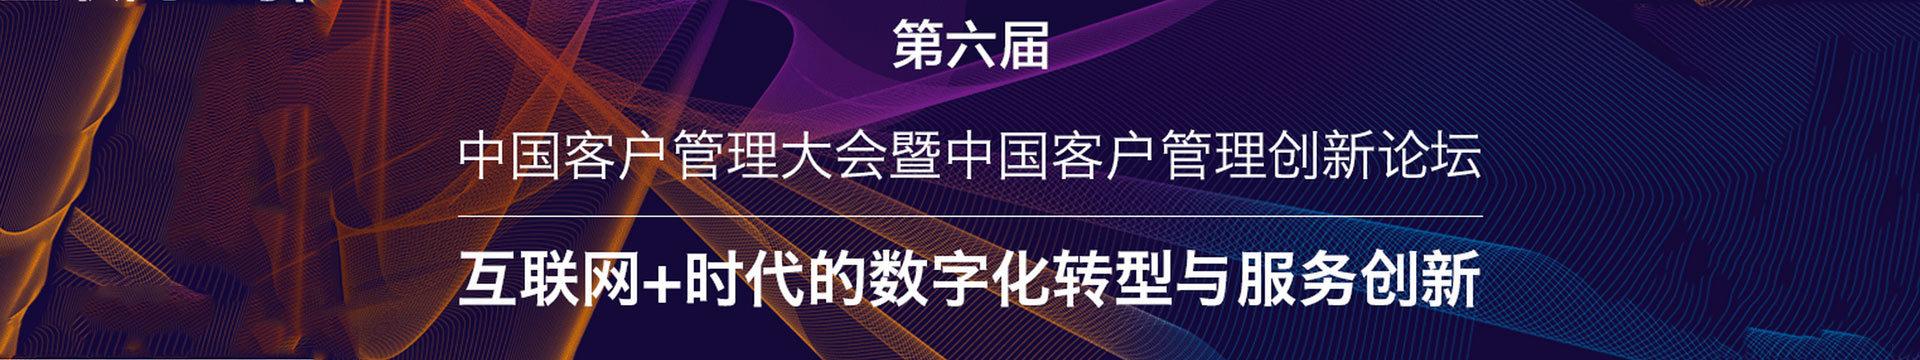 第六届中国客户管理大会暨中国客户管理创新论坛